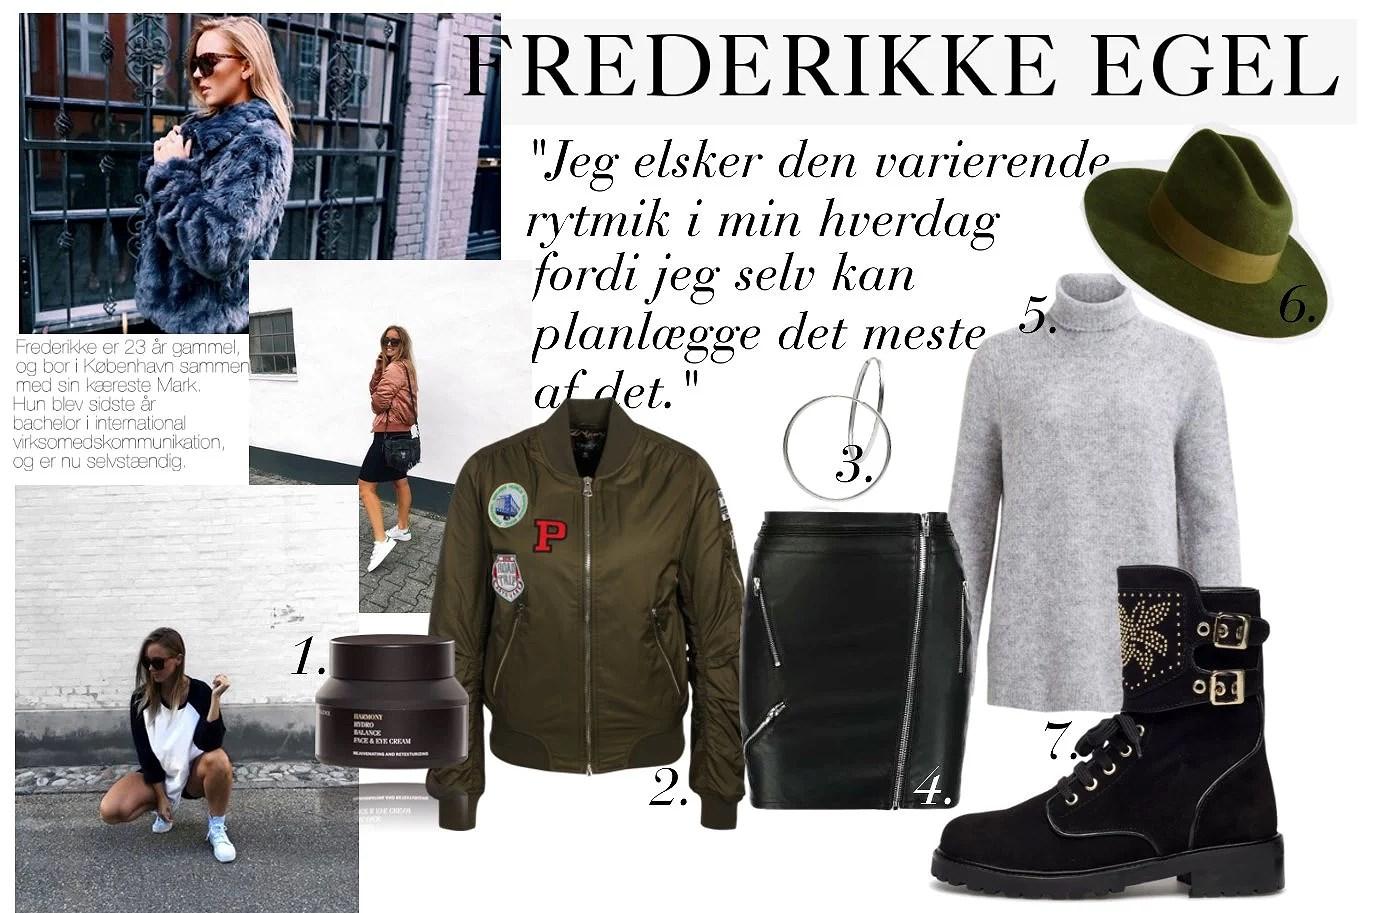 Career girls: Frederikke Egel